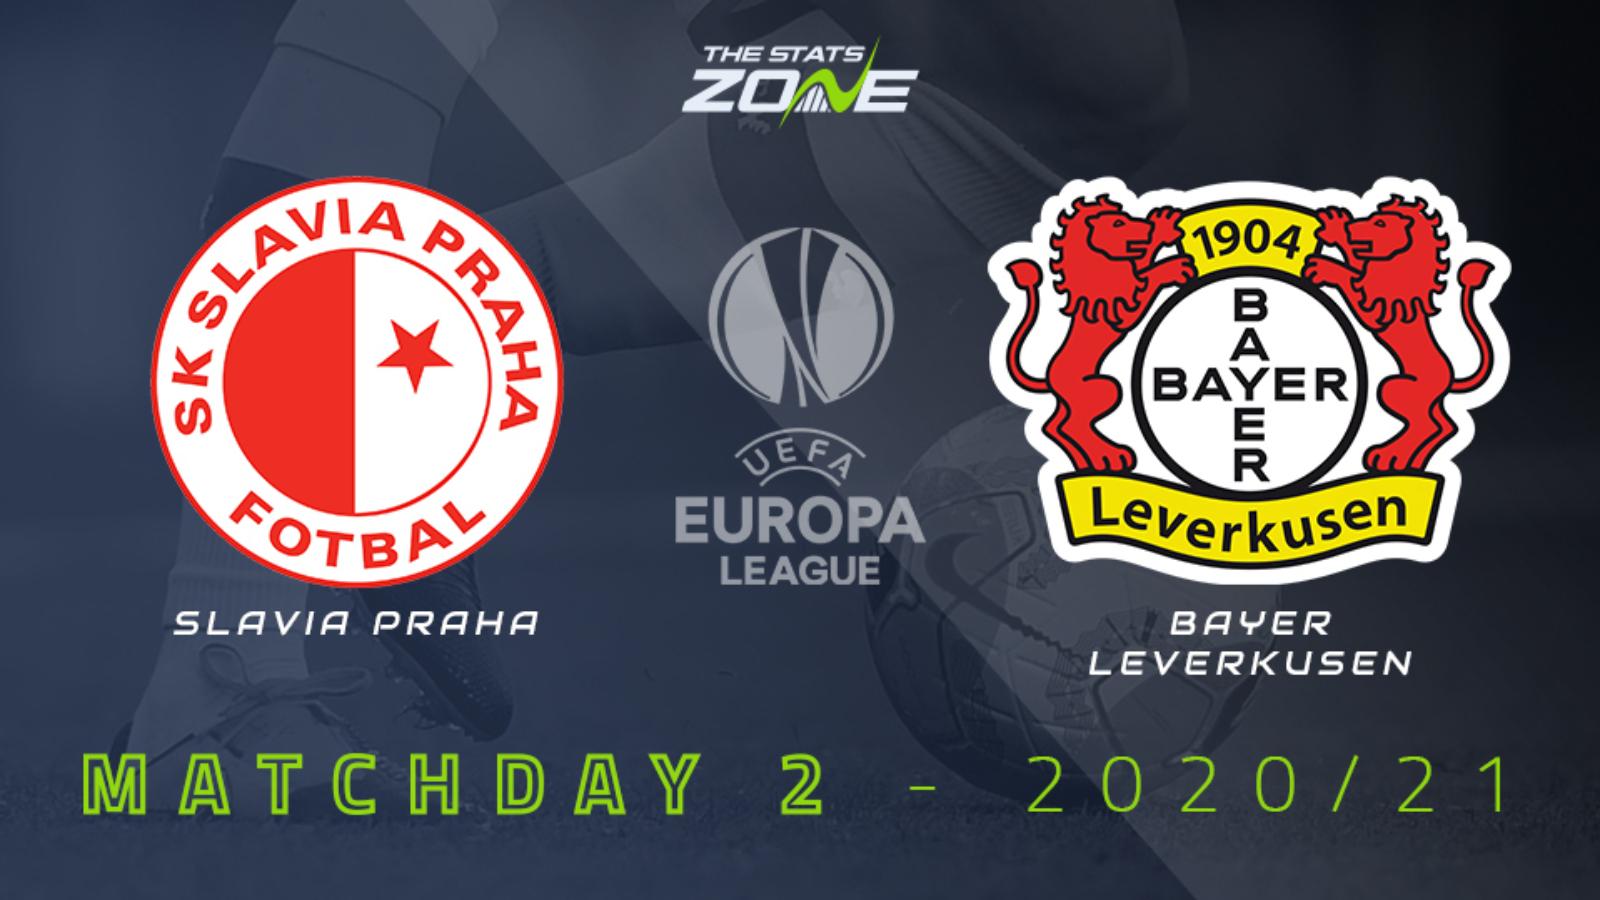 2020 21 UEFA Europa League U2013 Slavia Praha Vs Bayer